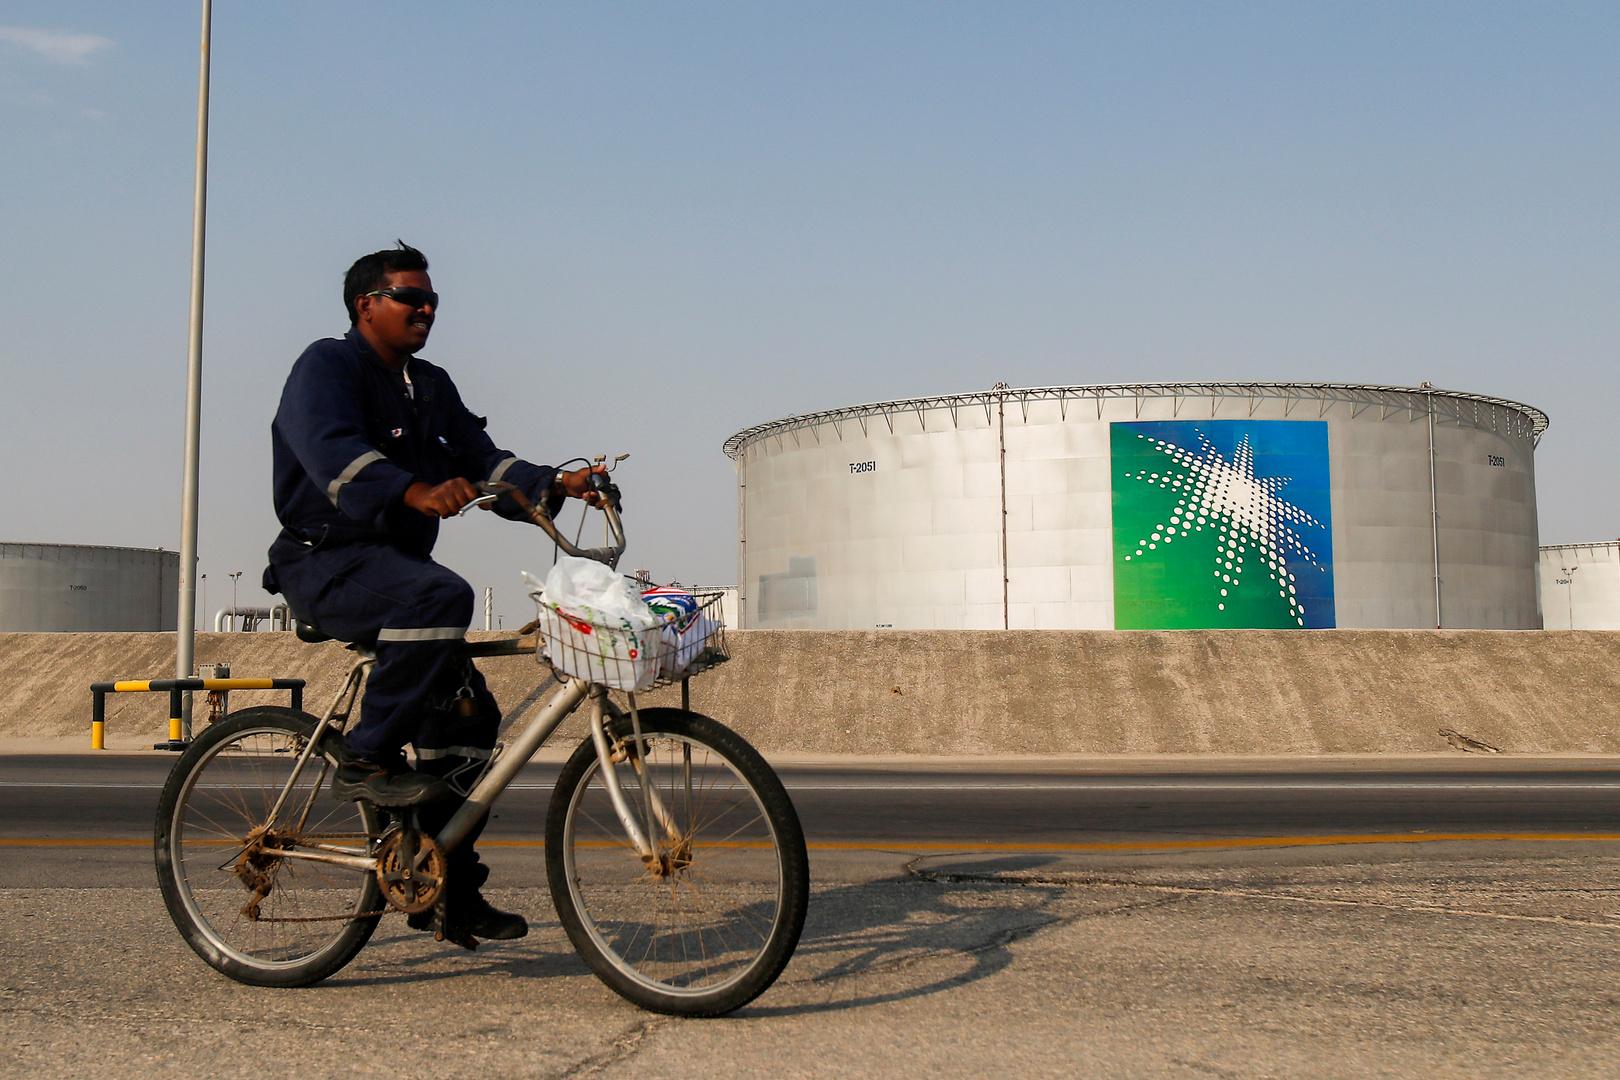 ارتفاع أسعار النفط بعد إعلان الحوثيين عن تنفيذ عملية عسكرية واسعة بالعمق السعودي